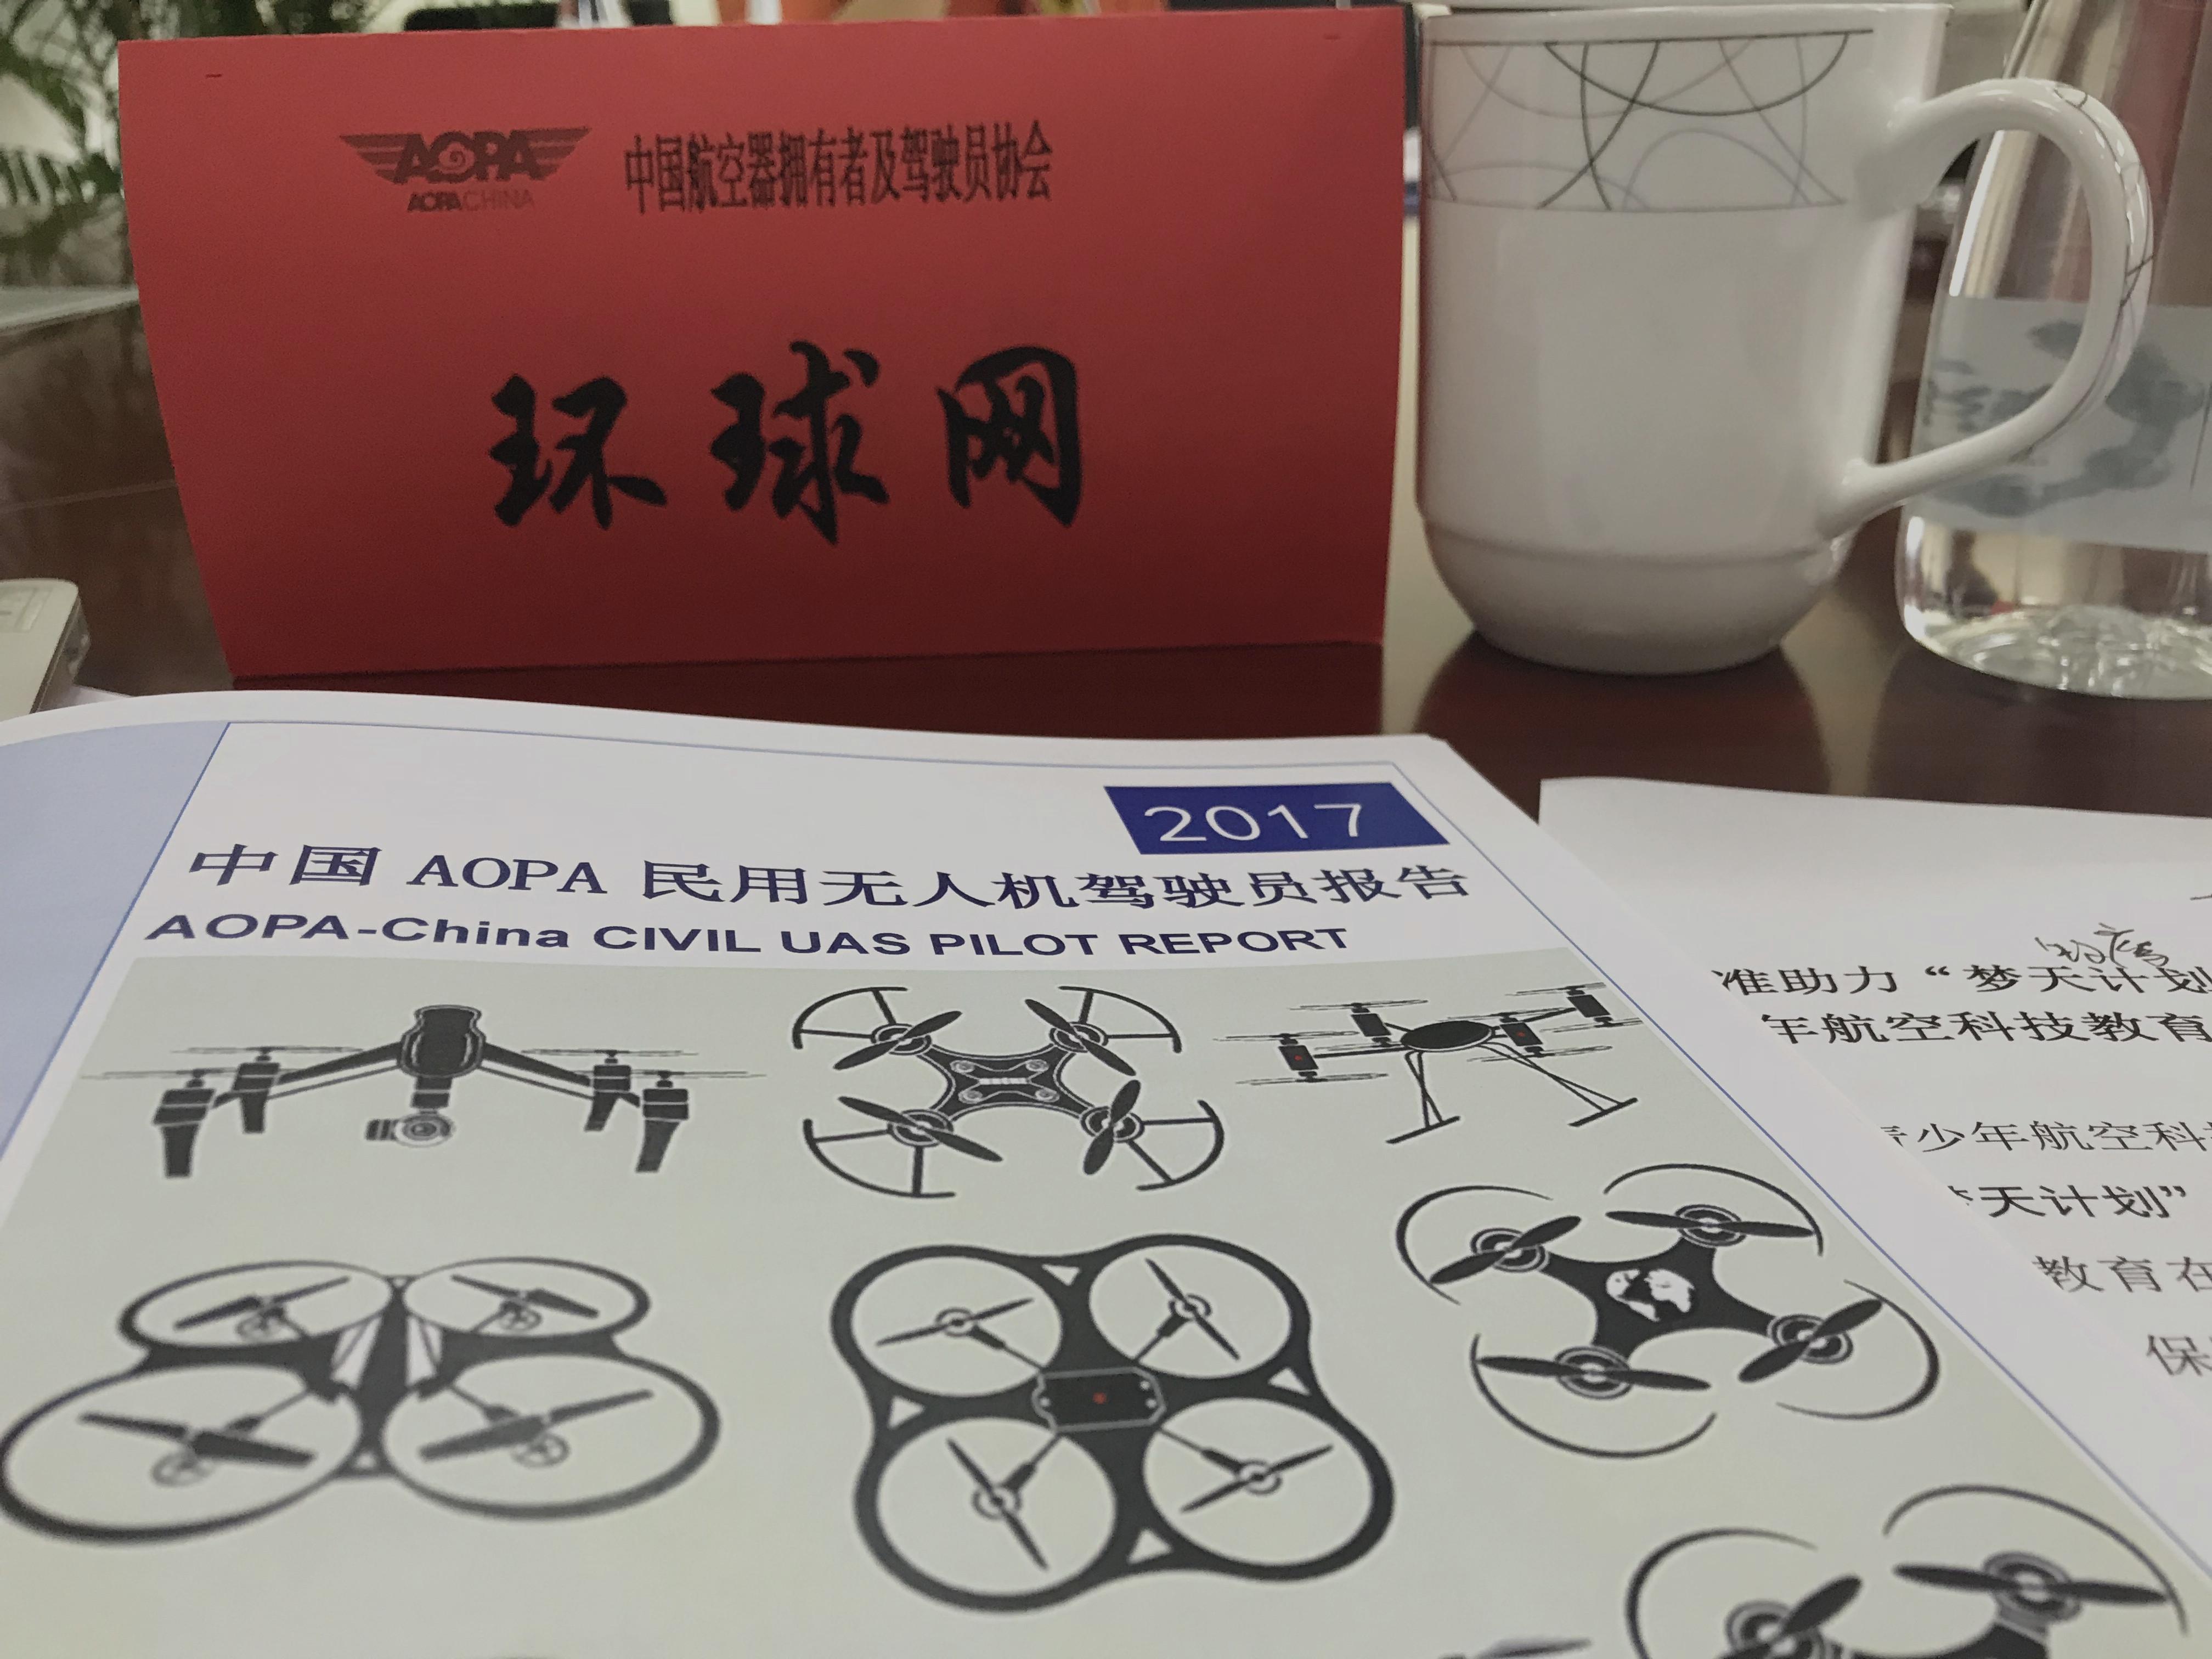 中国AOPA2018年第一季度新闻发布会:训练机构调研数据首度公开